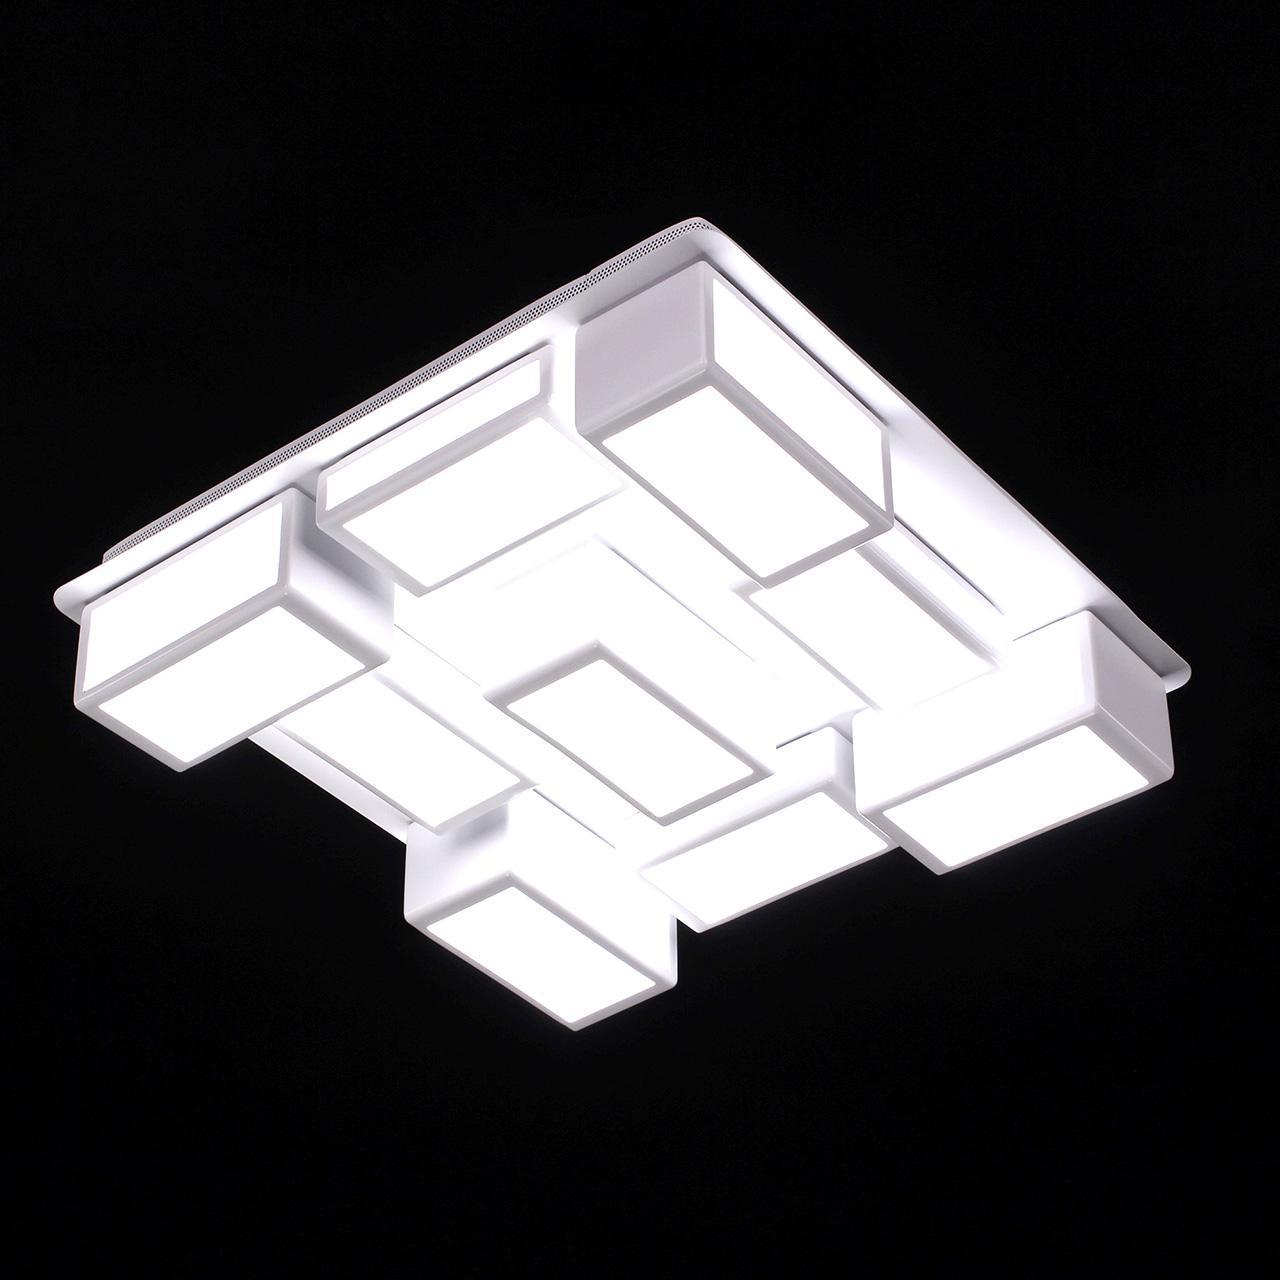 Потолочный светодиодный светильник Citilux Синто CL711135 потолочный светодиодный светильник citilux синто cl711240